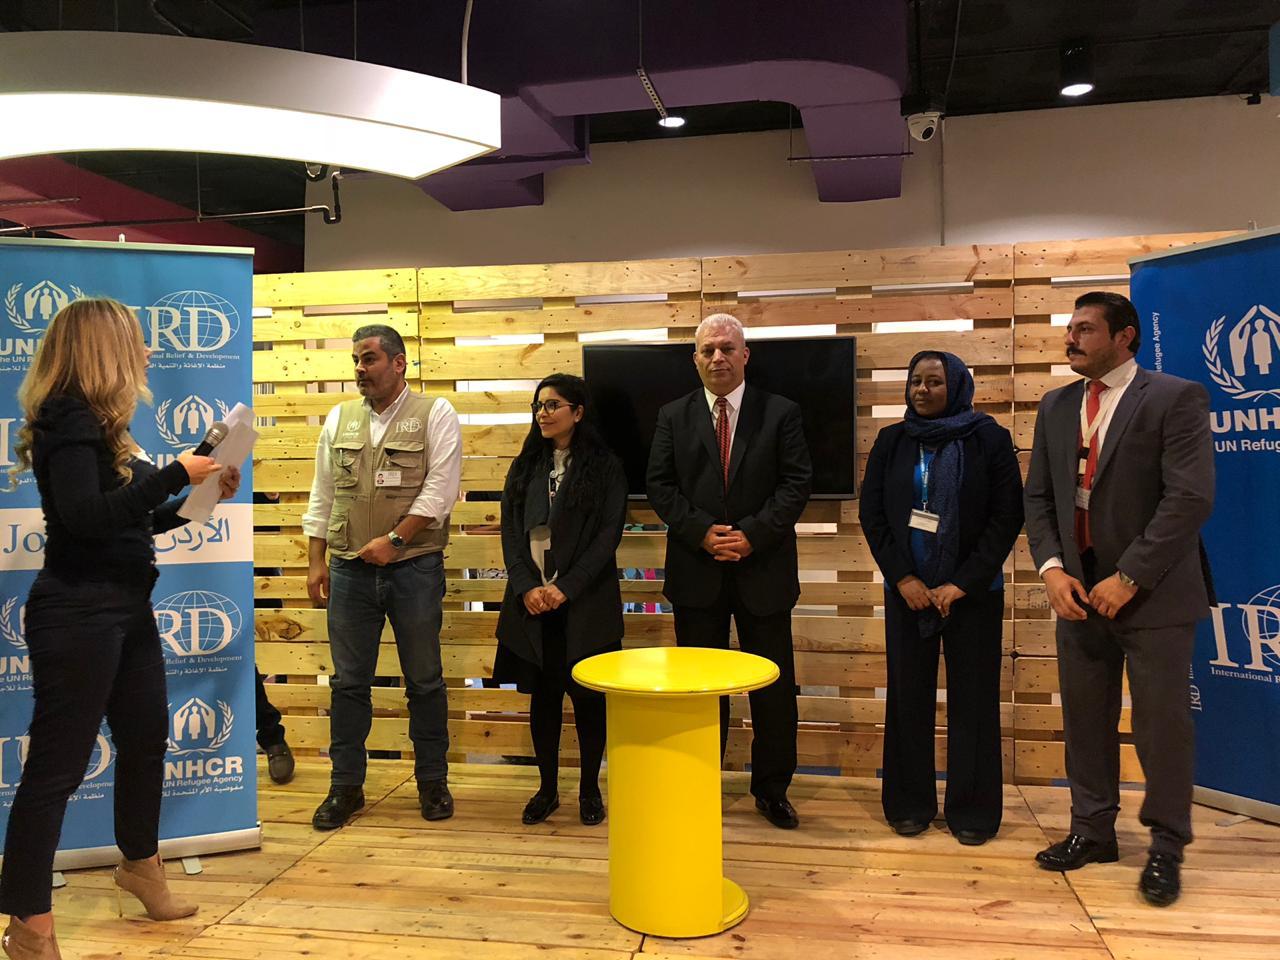 """بالصور ..  بشراكة استراتيجية من زين منظمة الإغاثة والتنمية الدولية في الأردن ومفوضية شؤون اللاجئين UNCHR تختتمان النسخة الثالثة من برنامج """"مبادرون"""""""